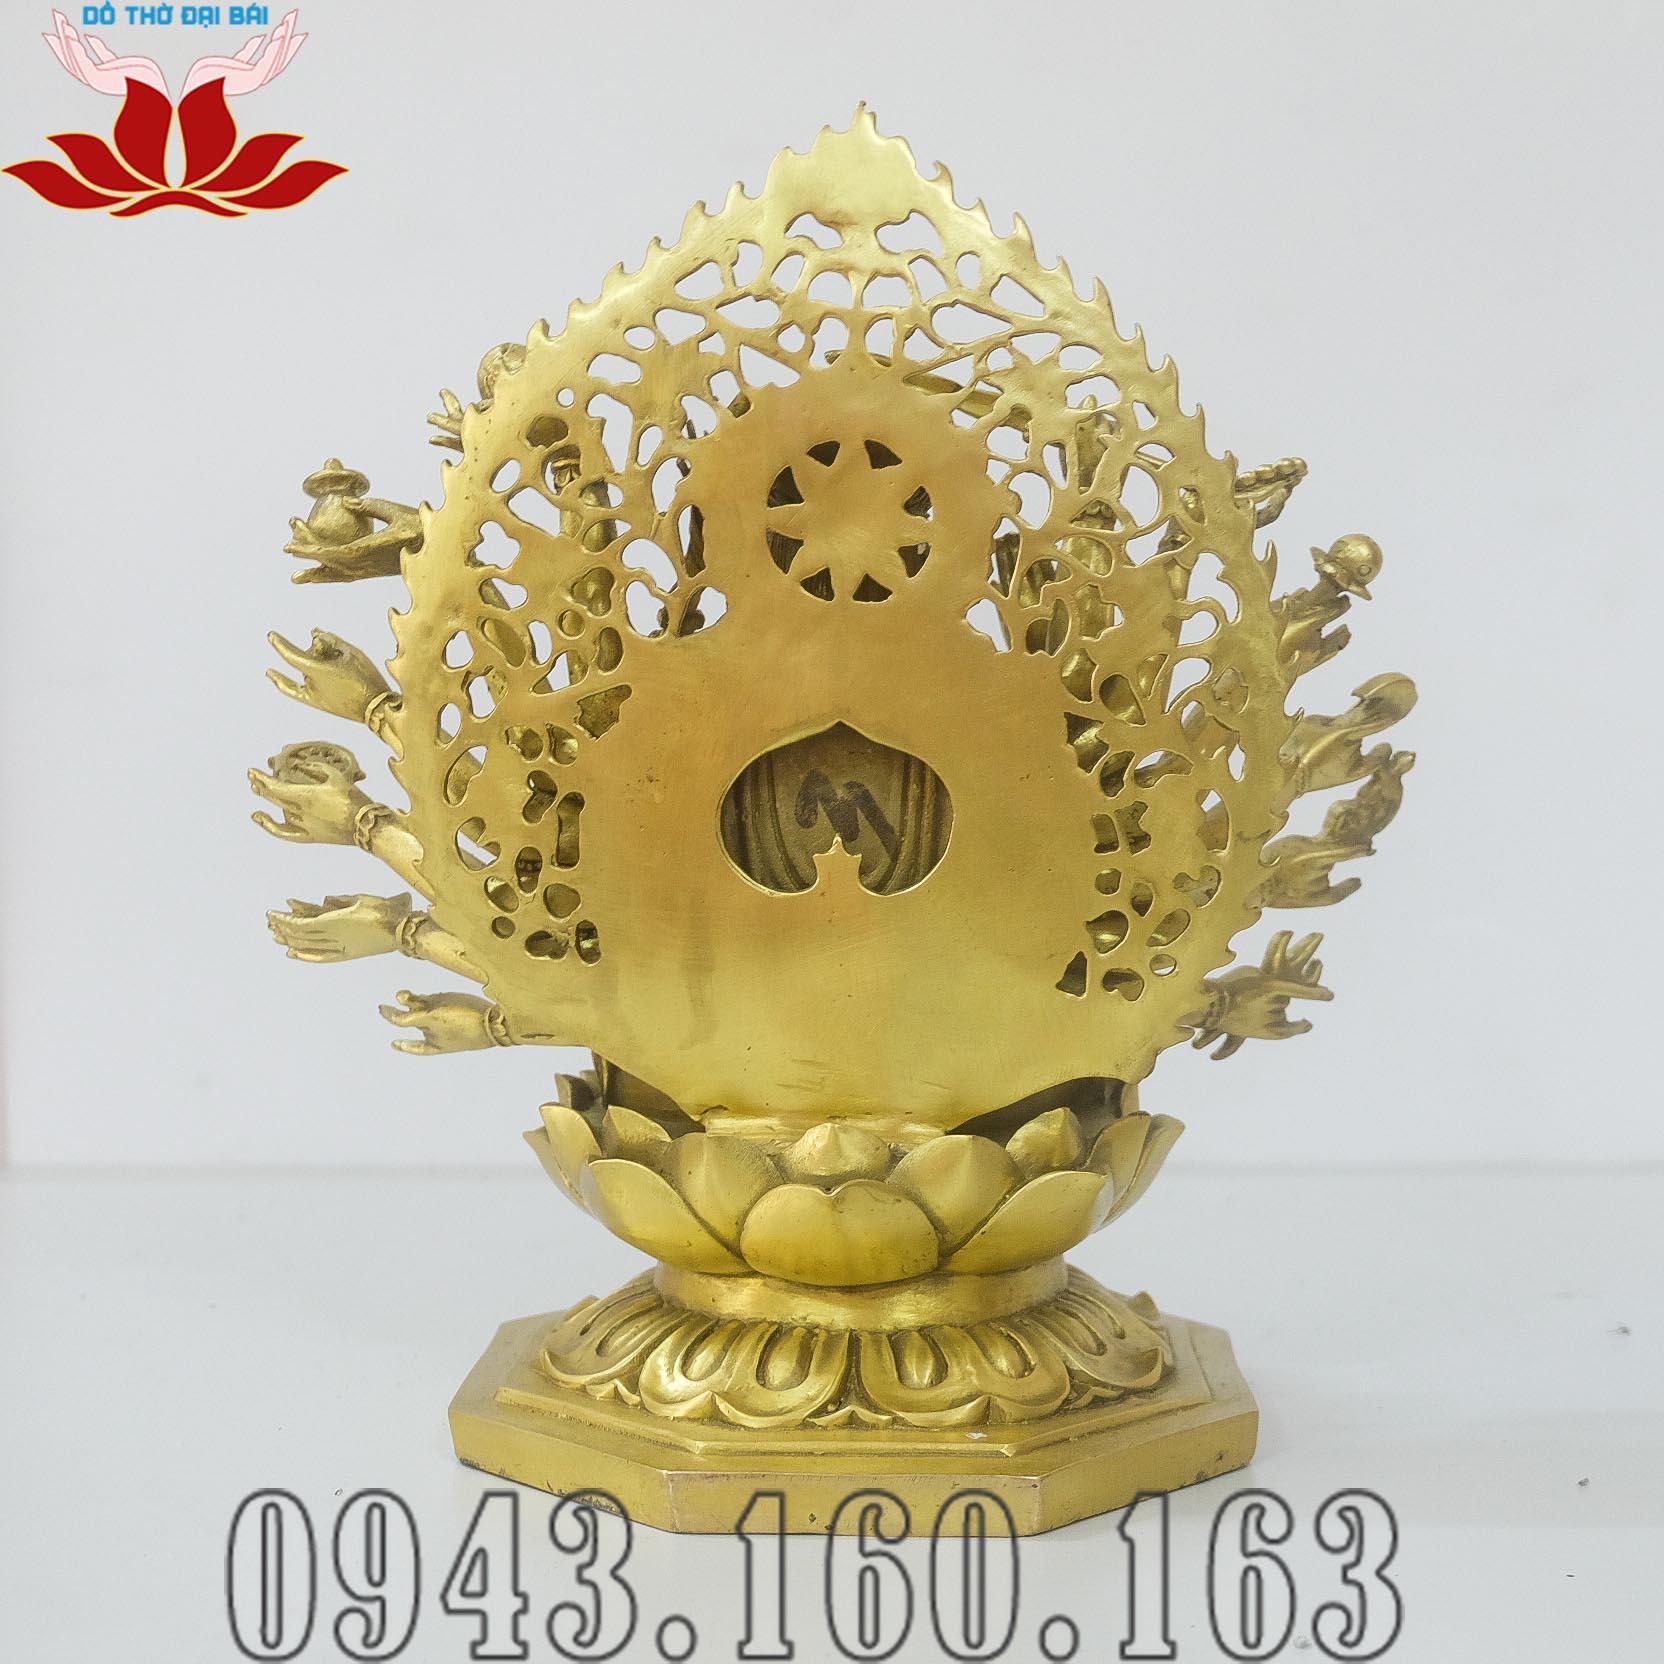 Chi tiết hình ảnh tượng Phật Chuẩn Đề nhìn đằng sau